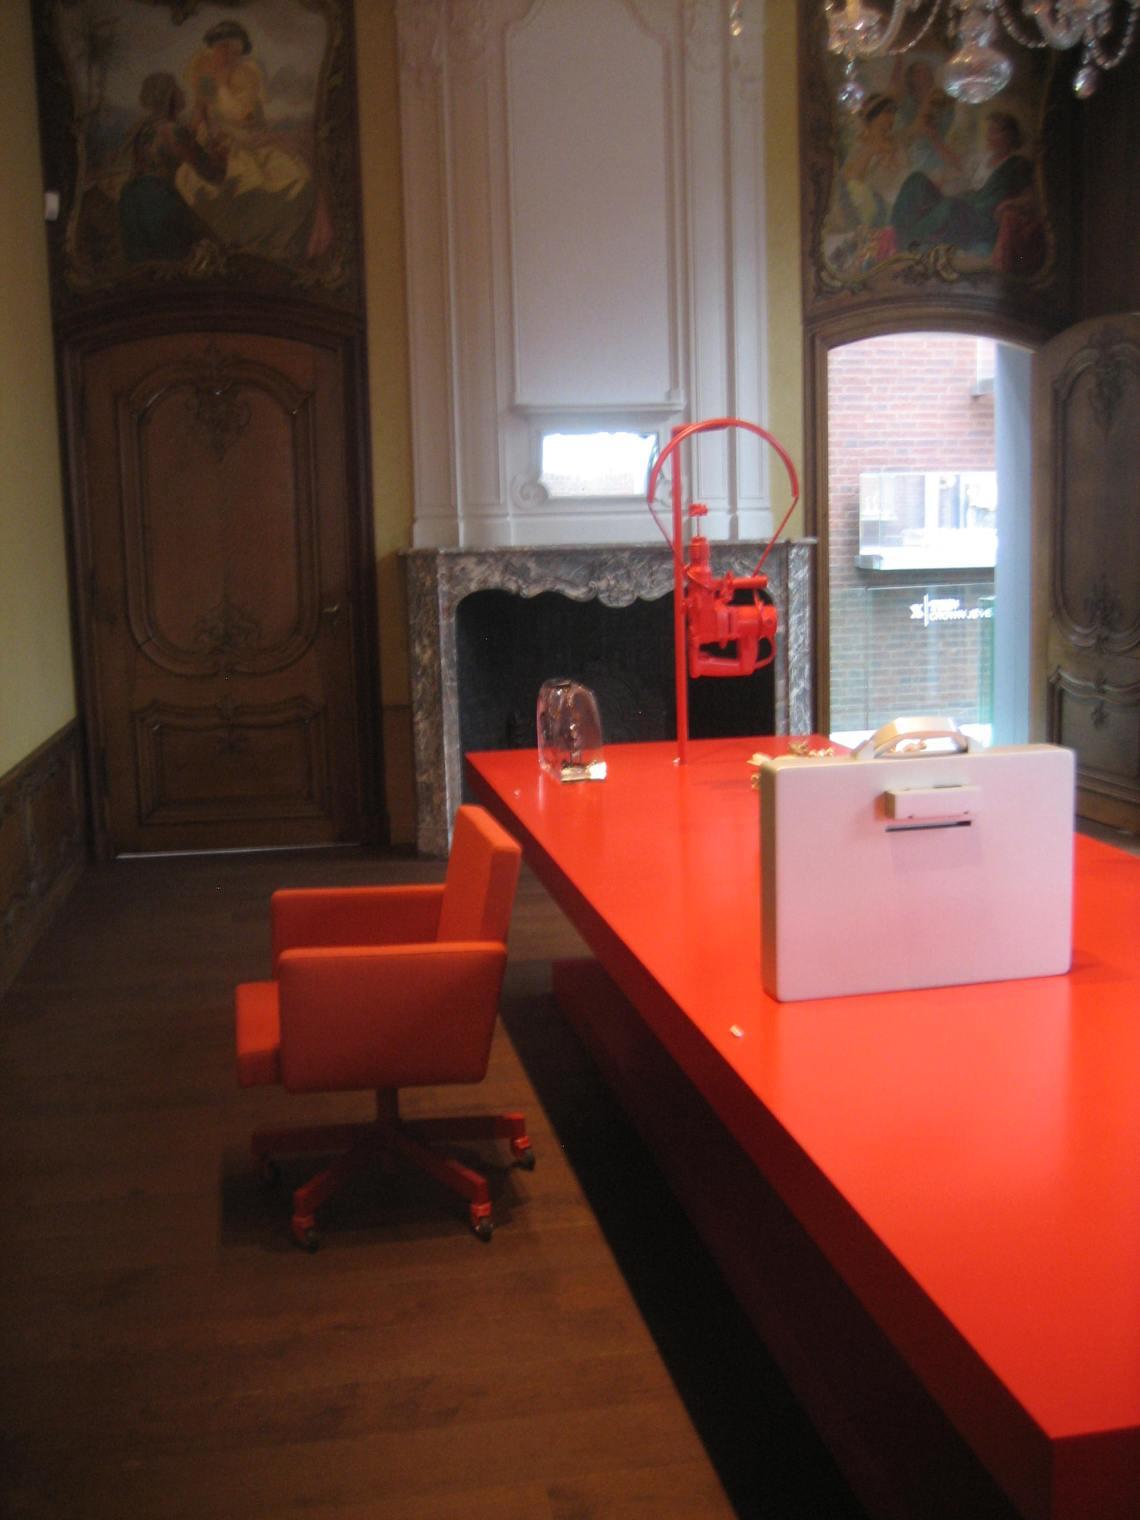 Ted Noten in Museum aan het Vrijthof. Foto Esther Doornbusch, 14 augustus 2018©